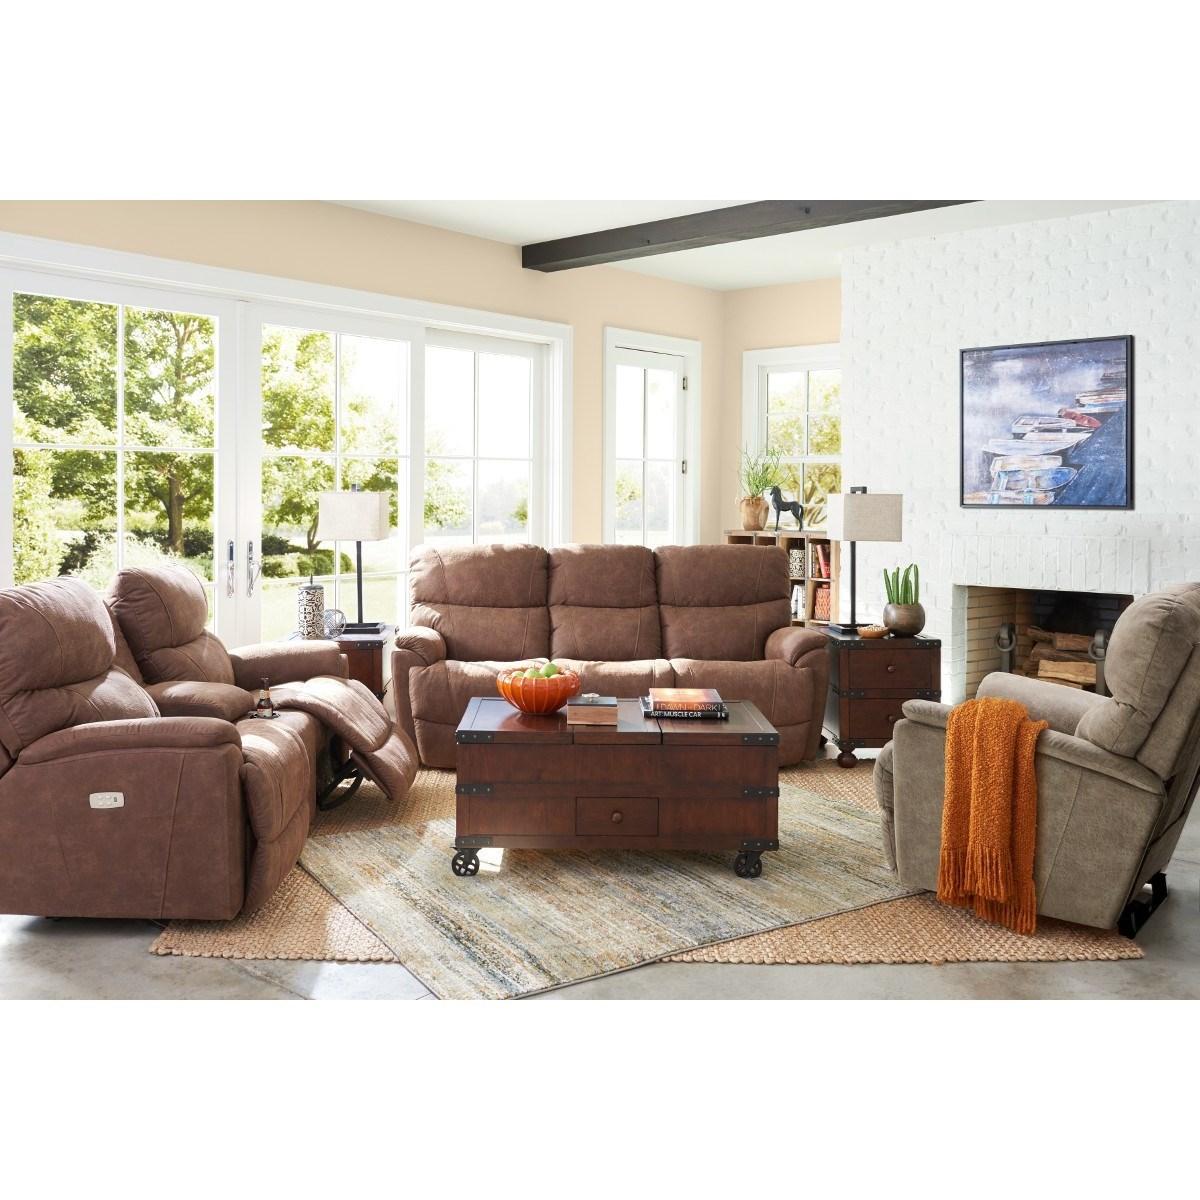 La Z Boy Trouper Reclining Sofa Conlins Furniture